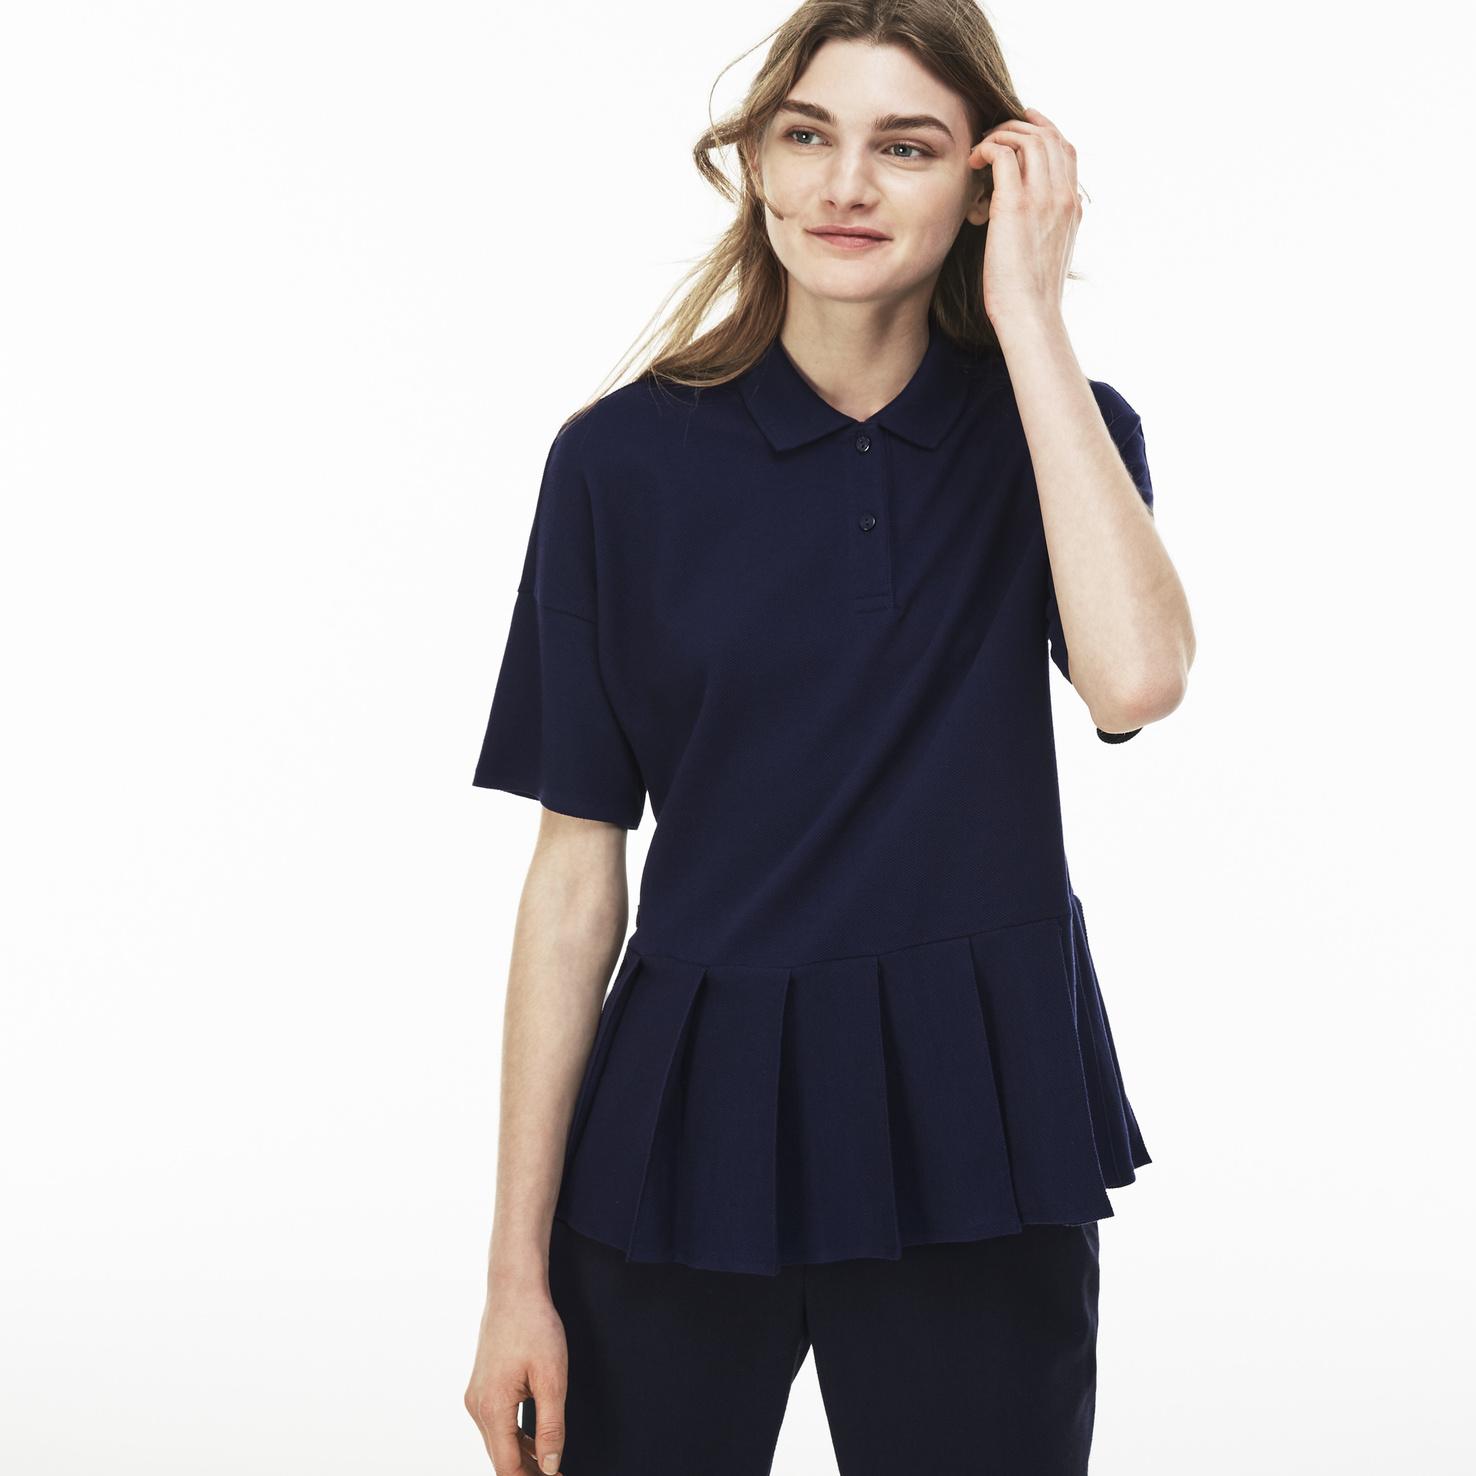 レディース ラコステ プリーツポロシャツ (半袖) ネイビー